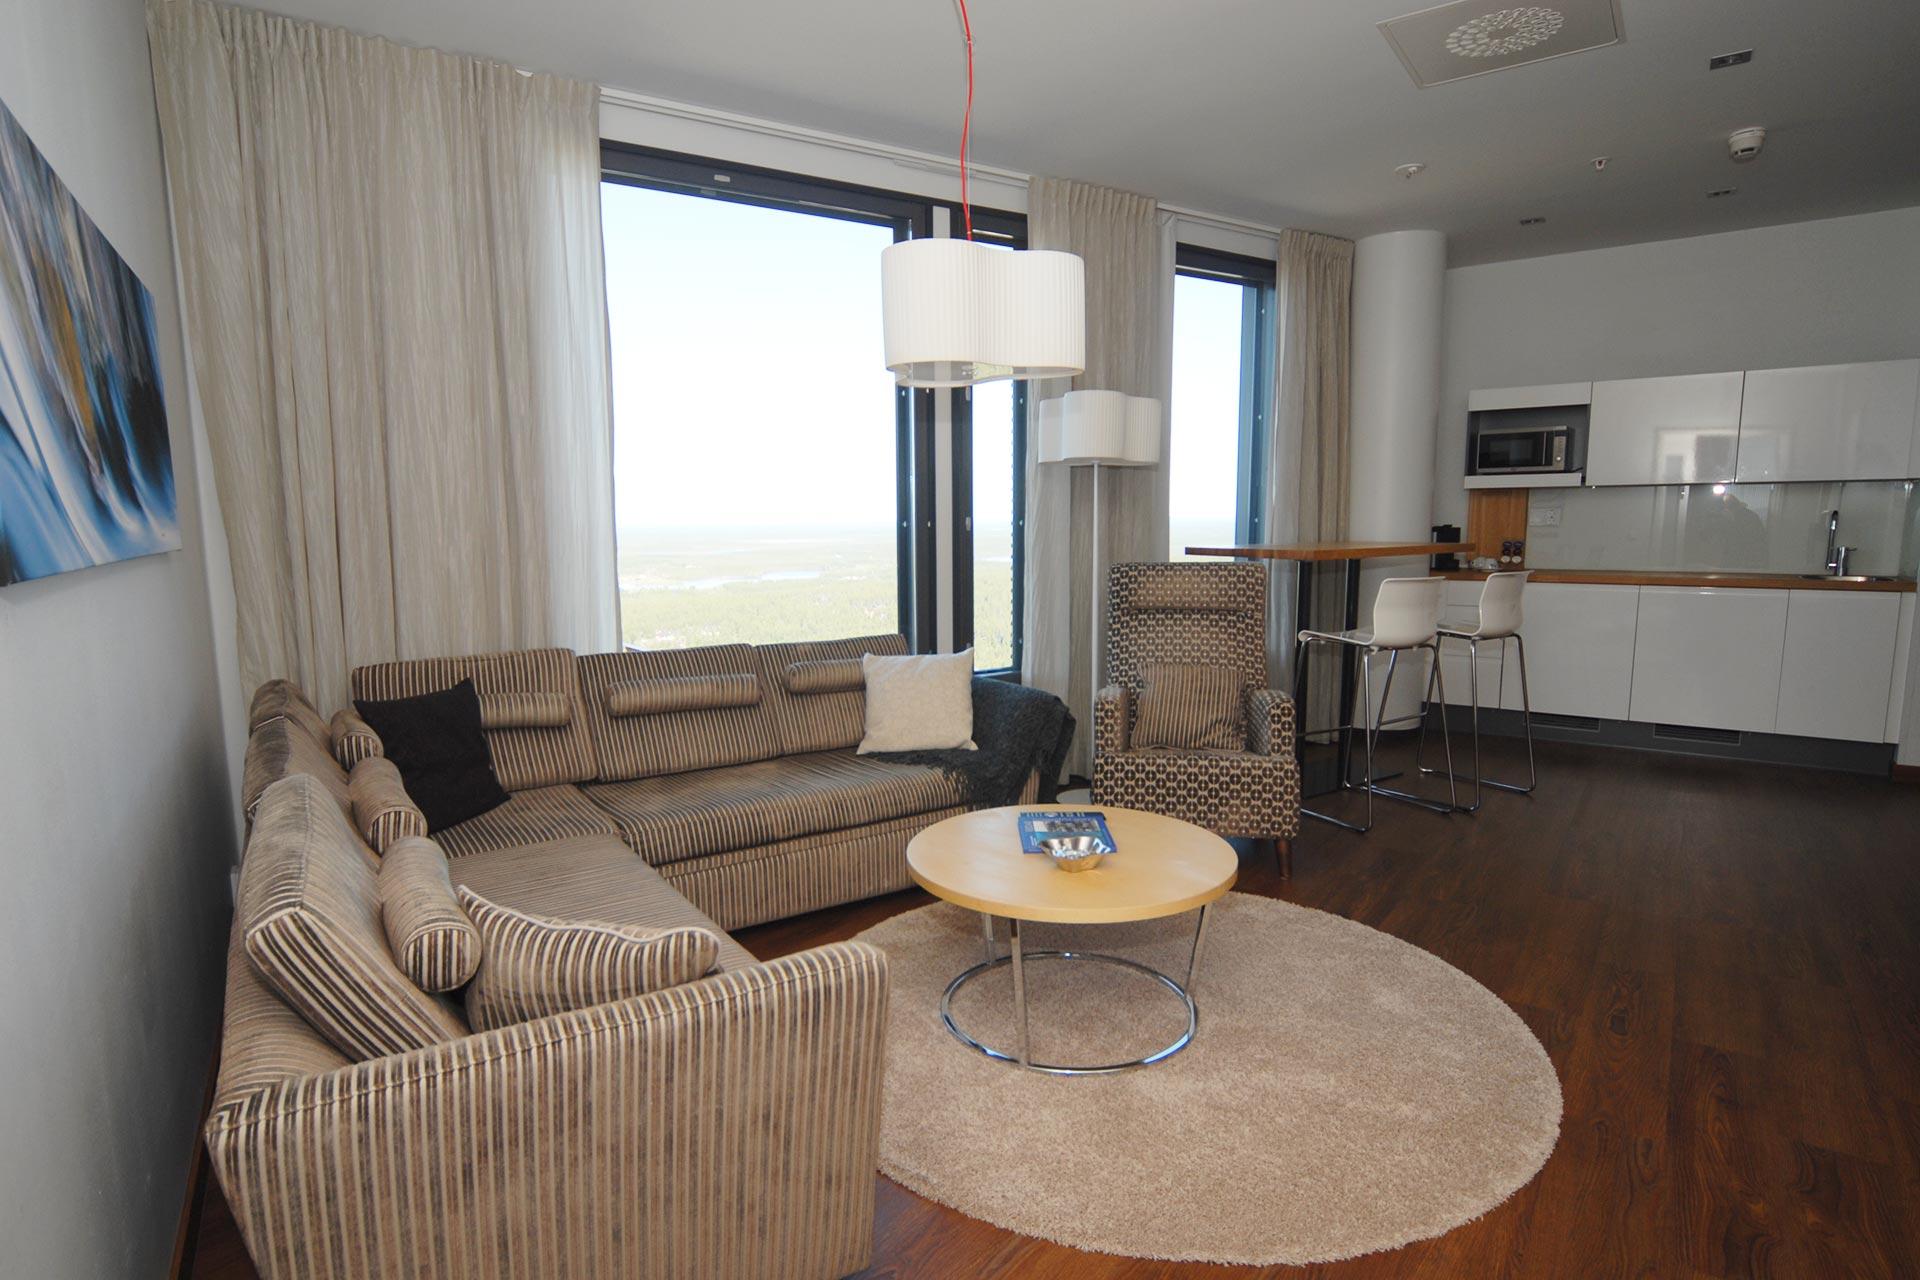 Hotel Levi Panoraman sviitin olohuoneessa on tilaa ja upeat näkymät.